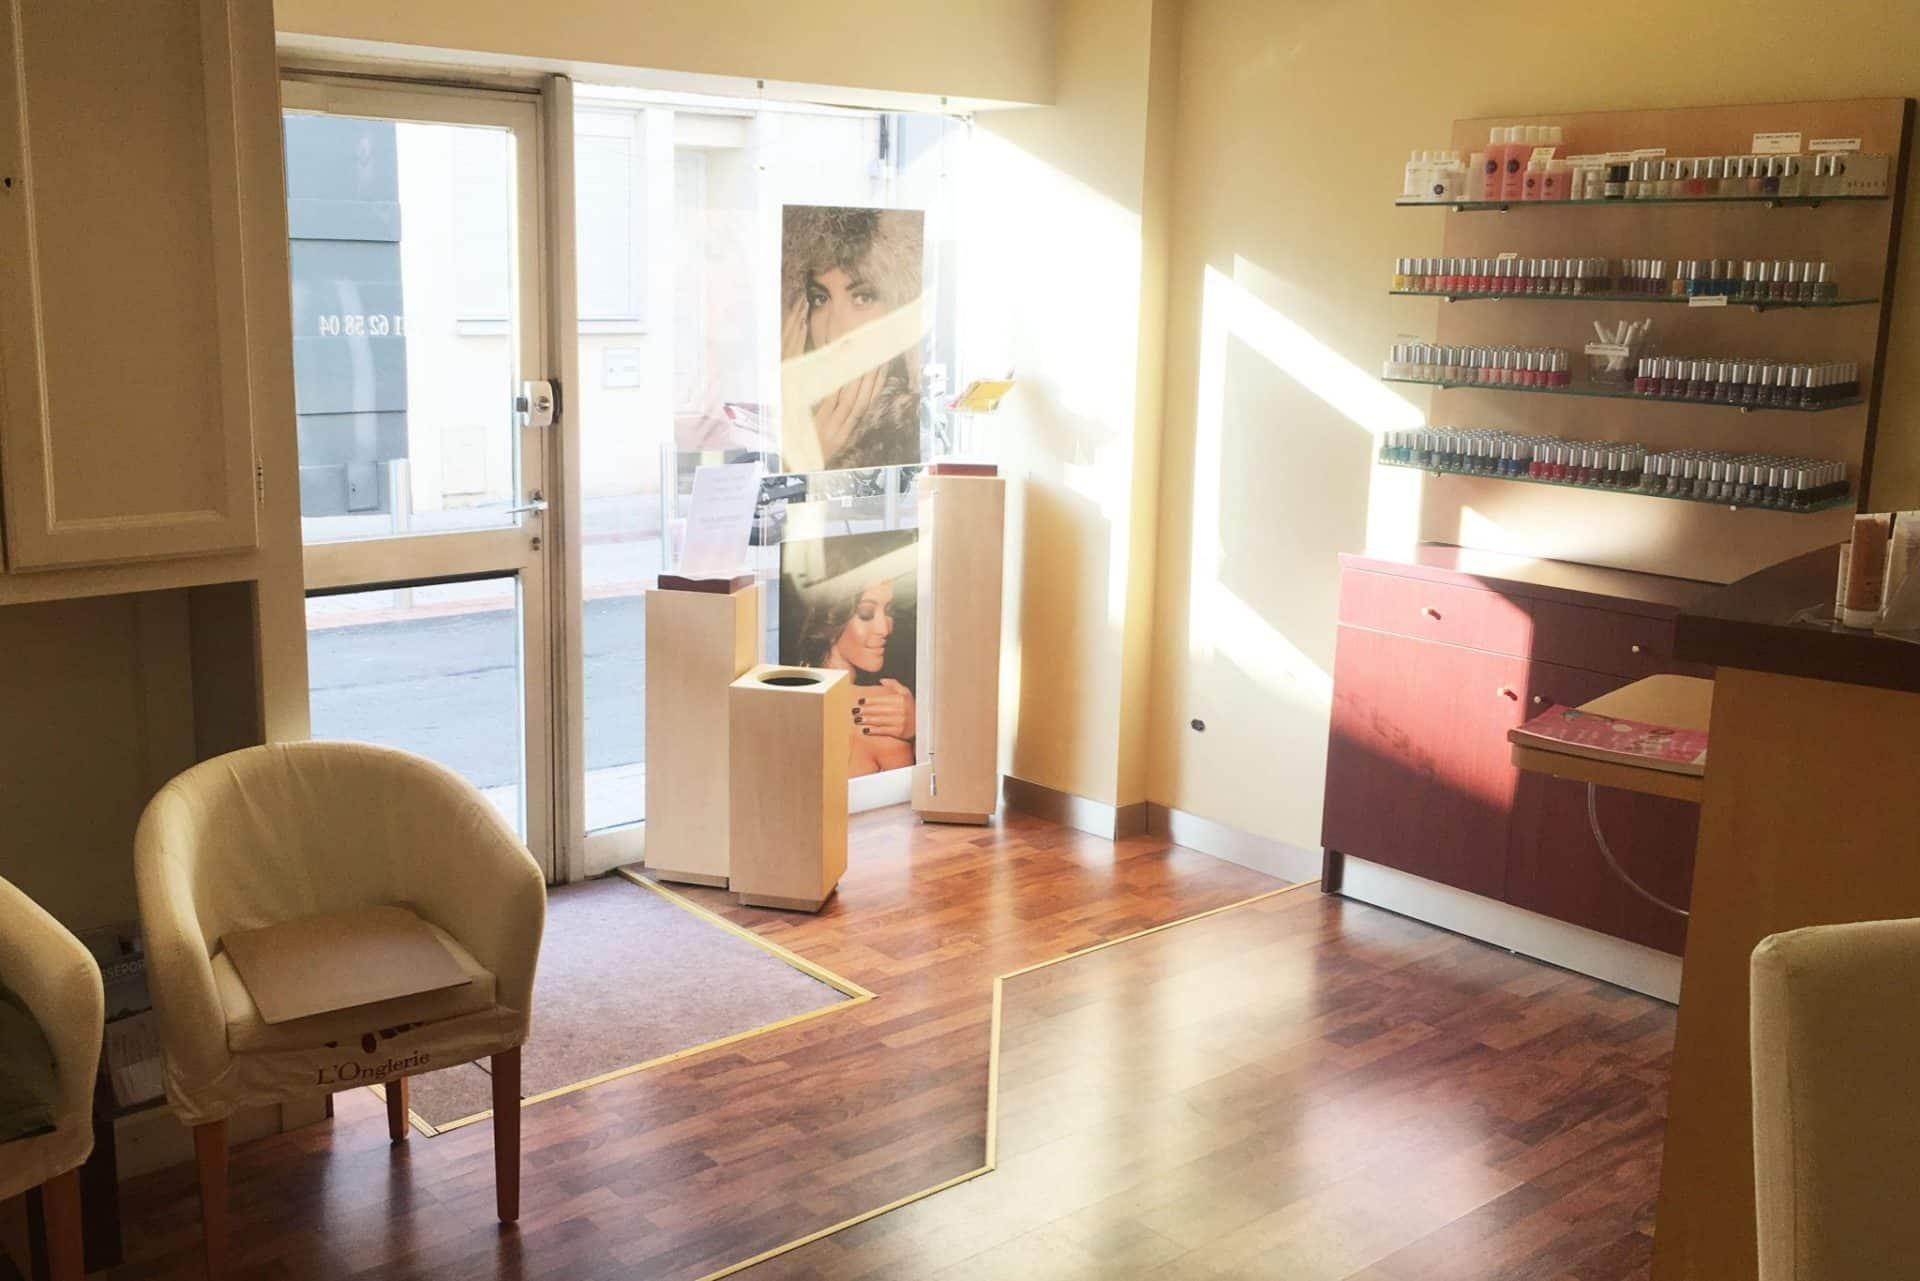 trouvez votre institut l 39 onglerie l 39 onglerie. Black Bedroom Furniture Sets. Home Design Ideas